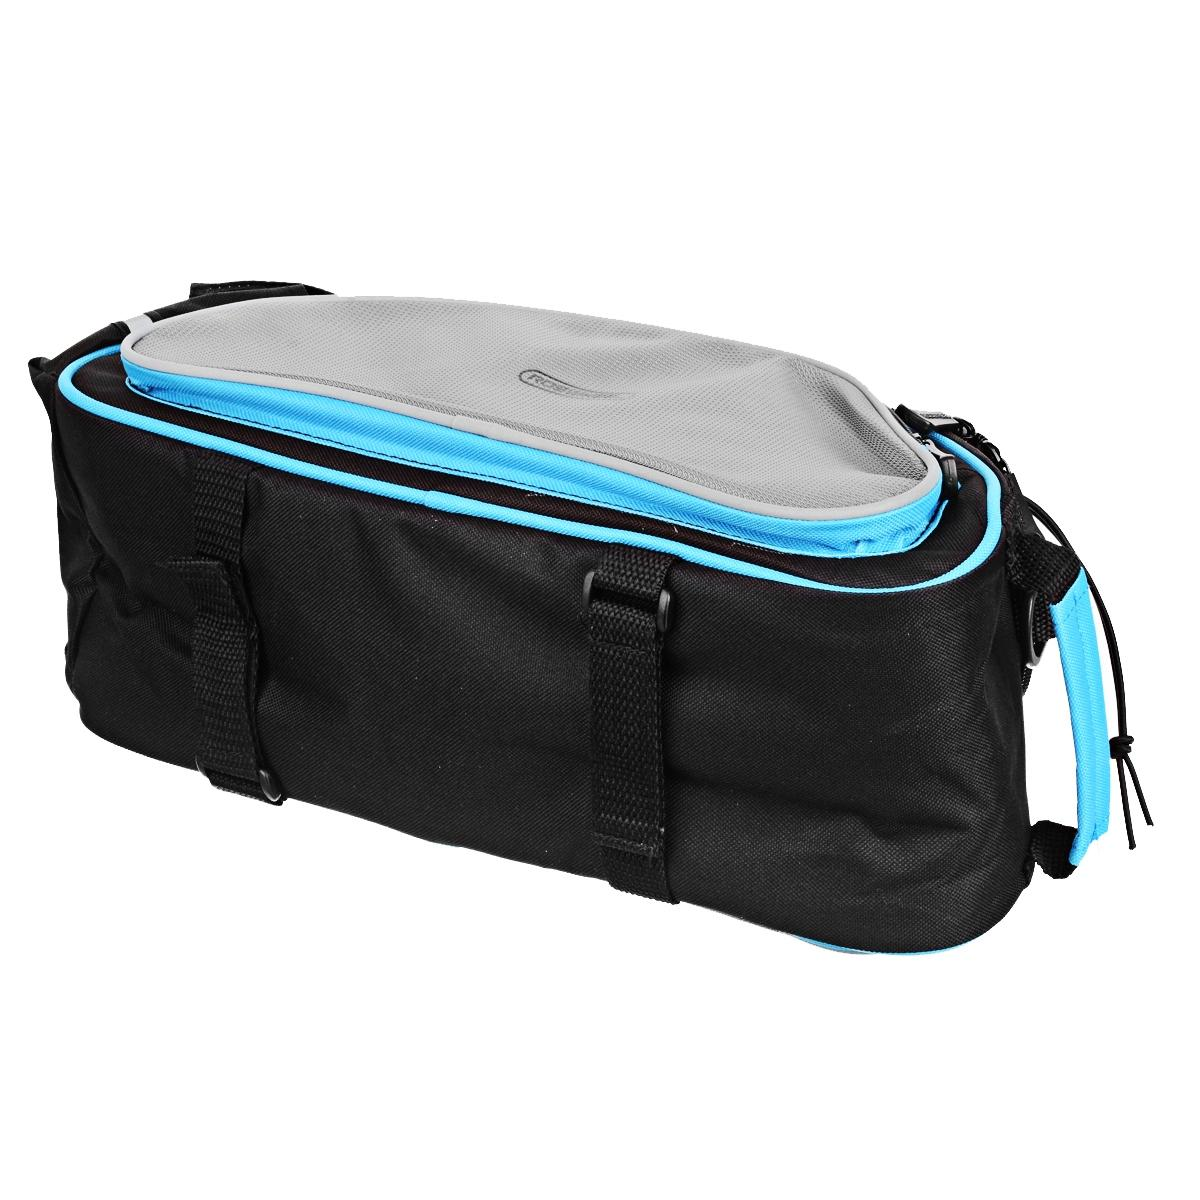 ROSWHEEL Bike Rear Rack Seat Pannier Bag - Black + Blue (13L)